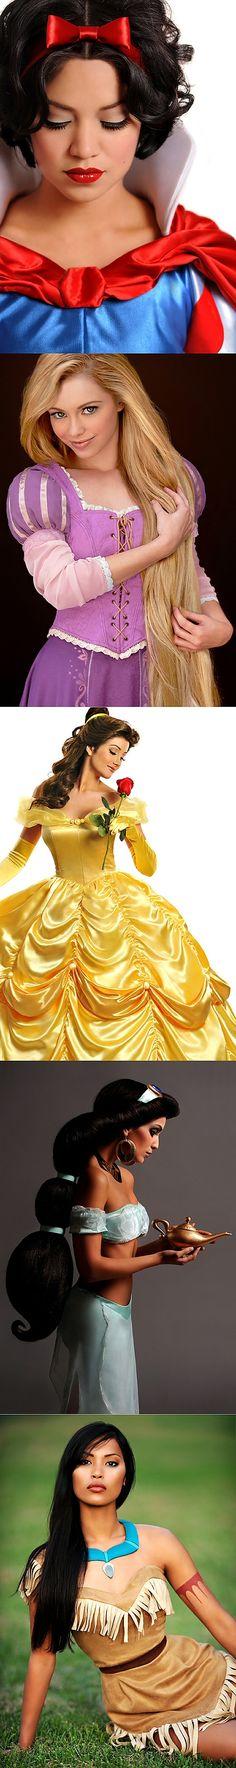 las princesas disney como serian de verdad..